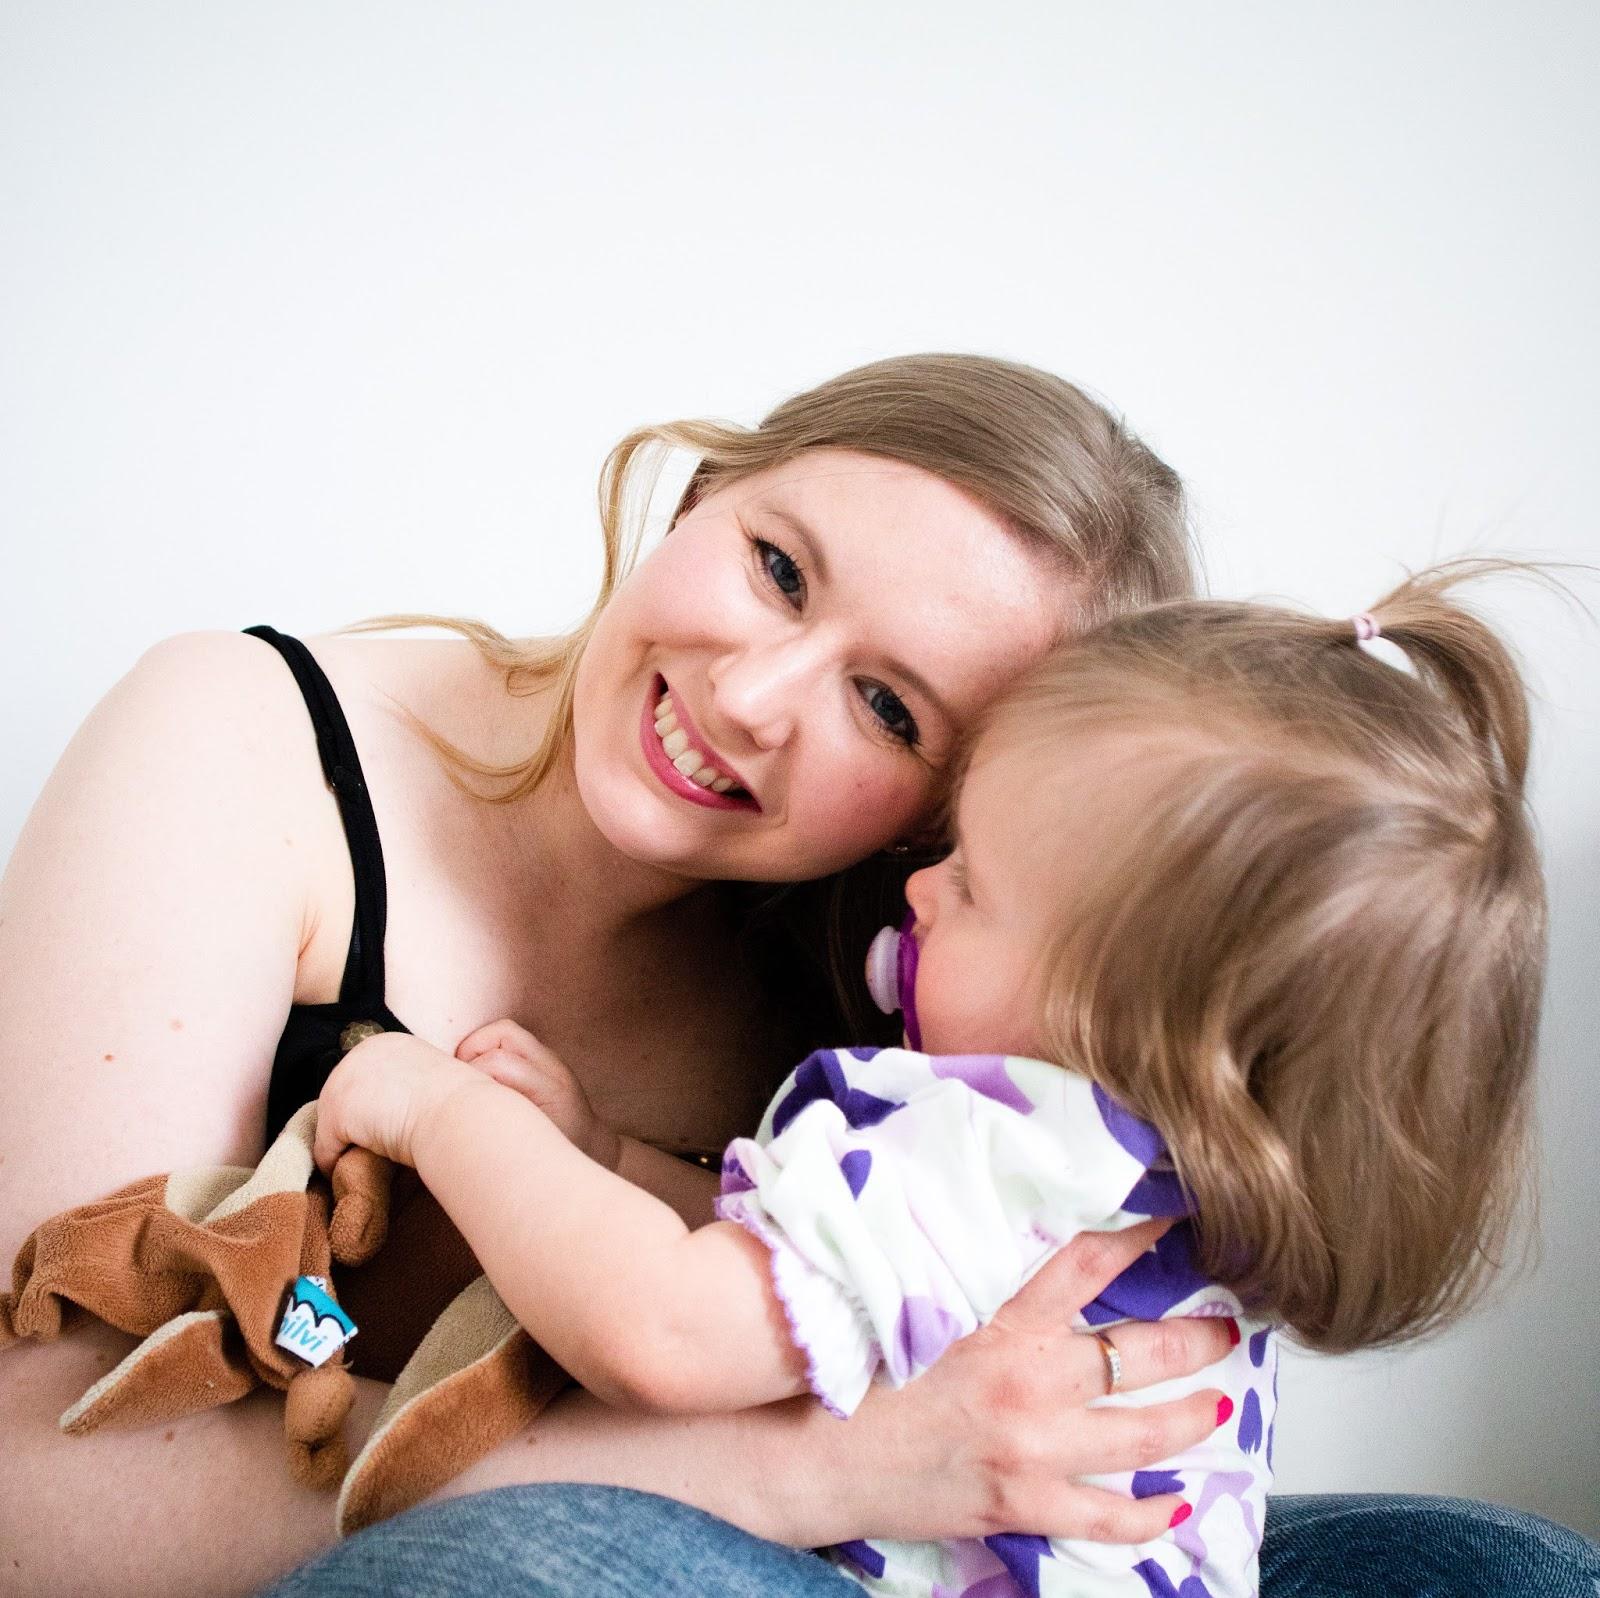 Saippuakuplia olohuoneessa - blogi, kuva Jenni Sanssi, Hanna Poikkilehto, lapsi, taapero, rakas, äitiys, imetys, tunteet, imetykse lopetus,